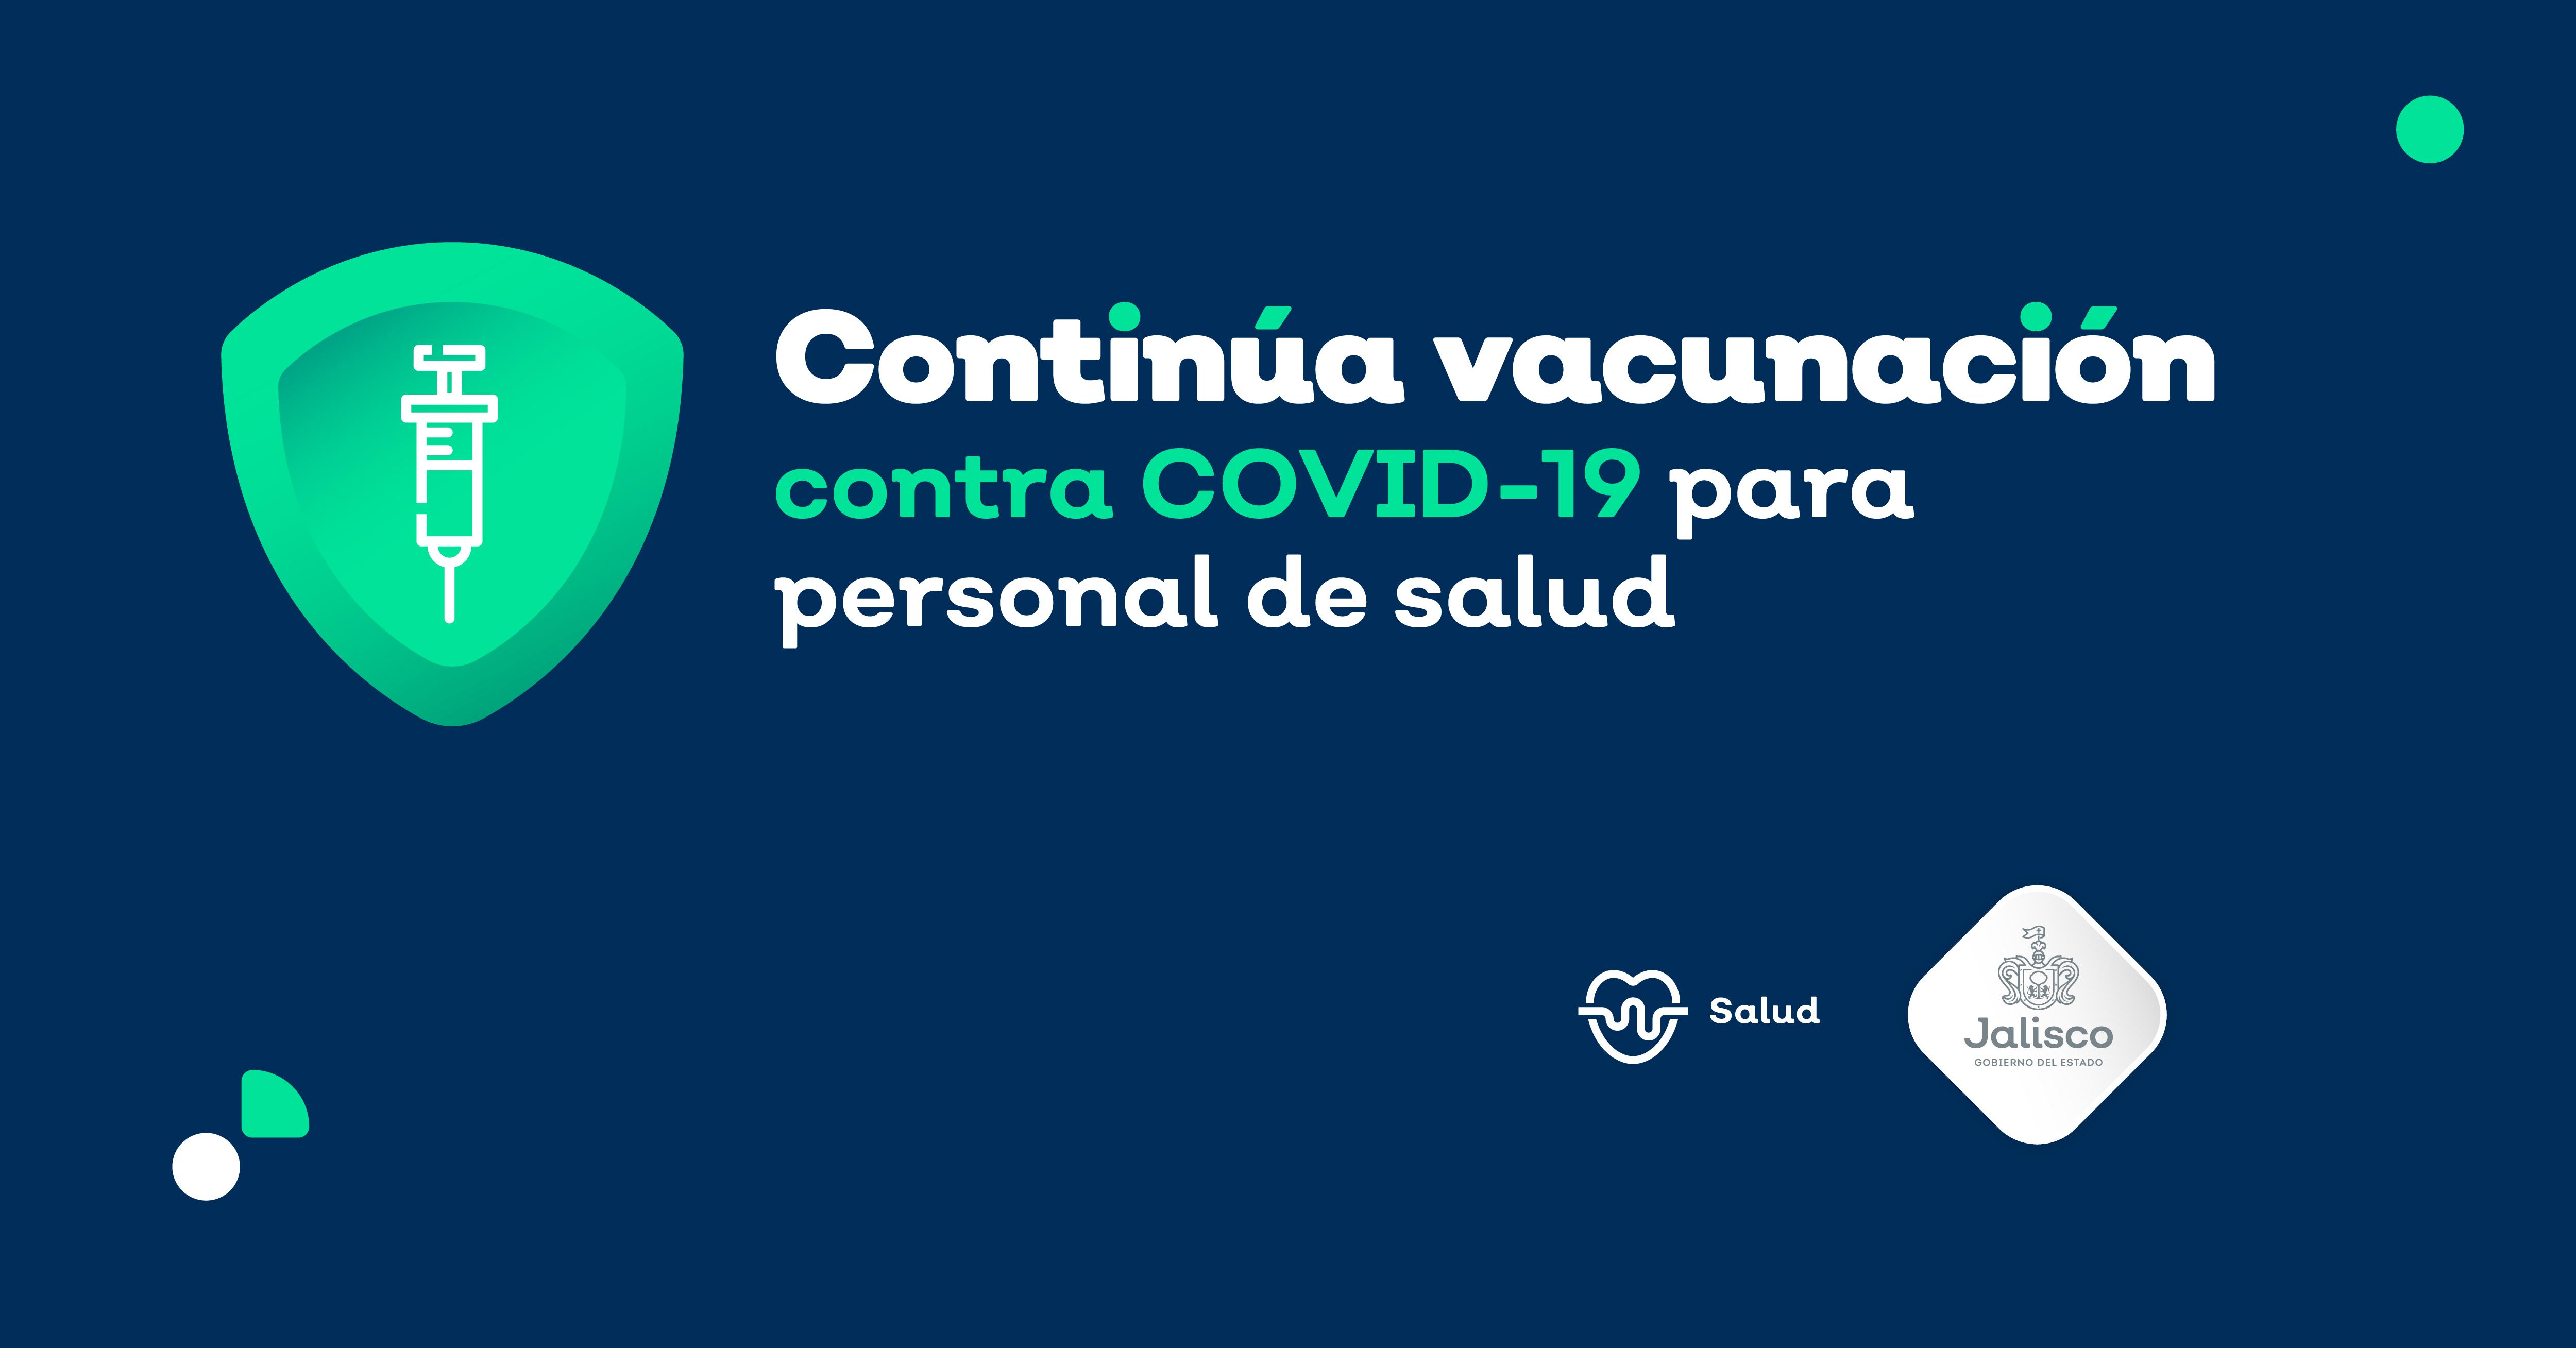 Vacunación contra COVID-19 a médicos, enfermeras, odontólogos.